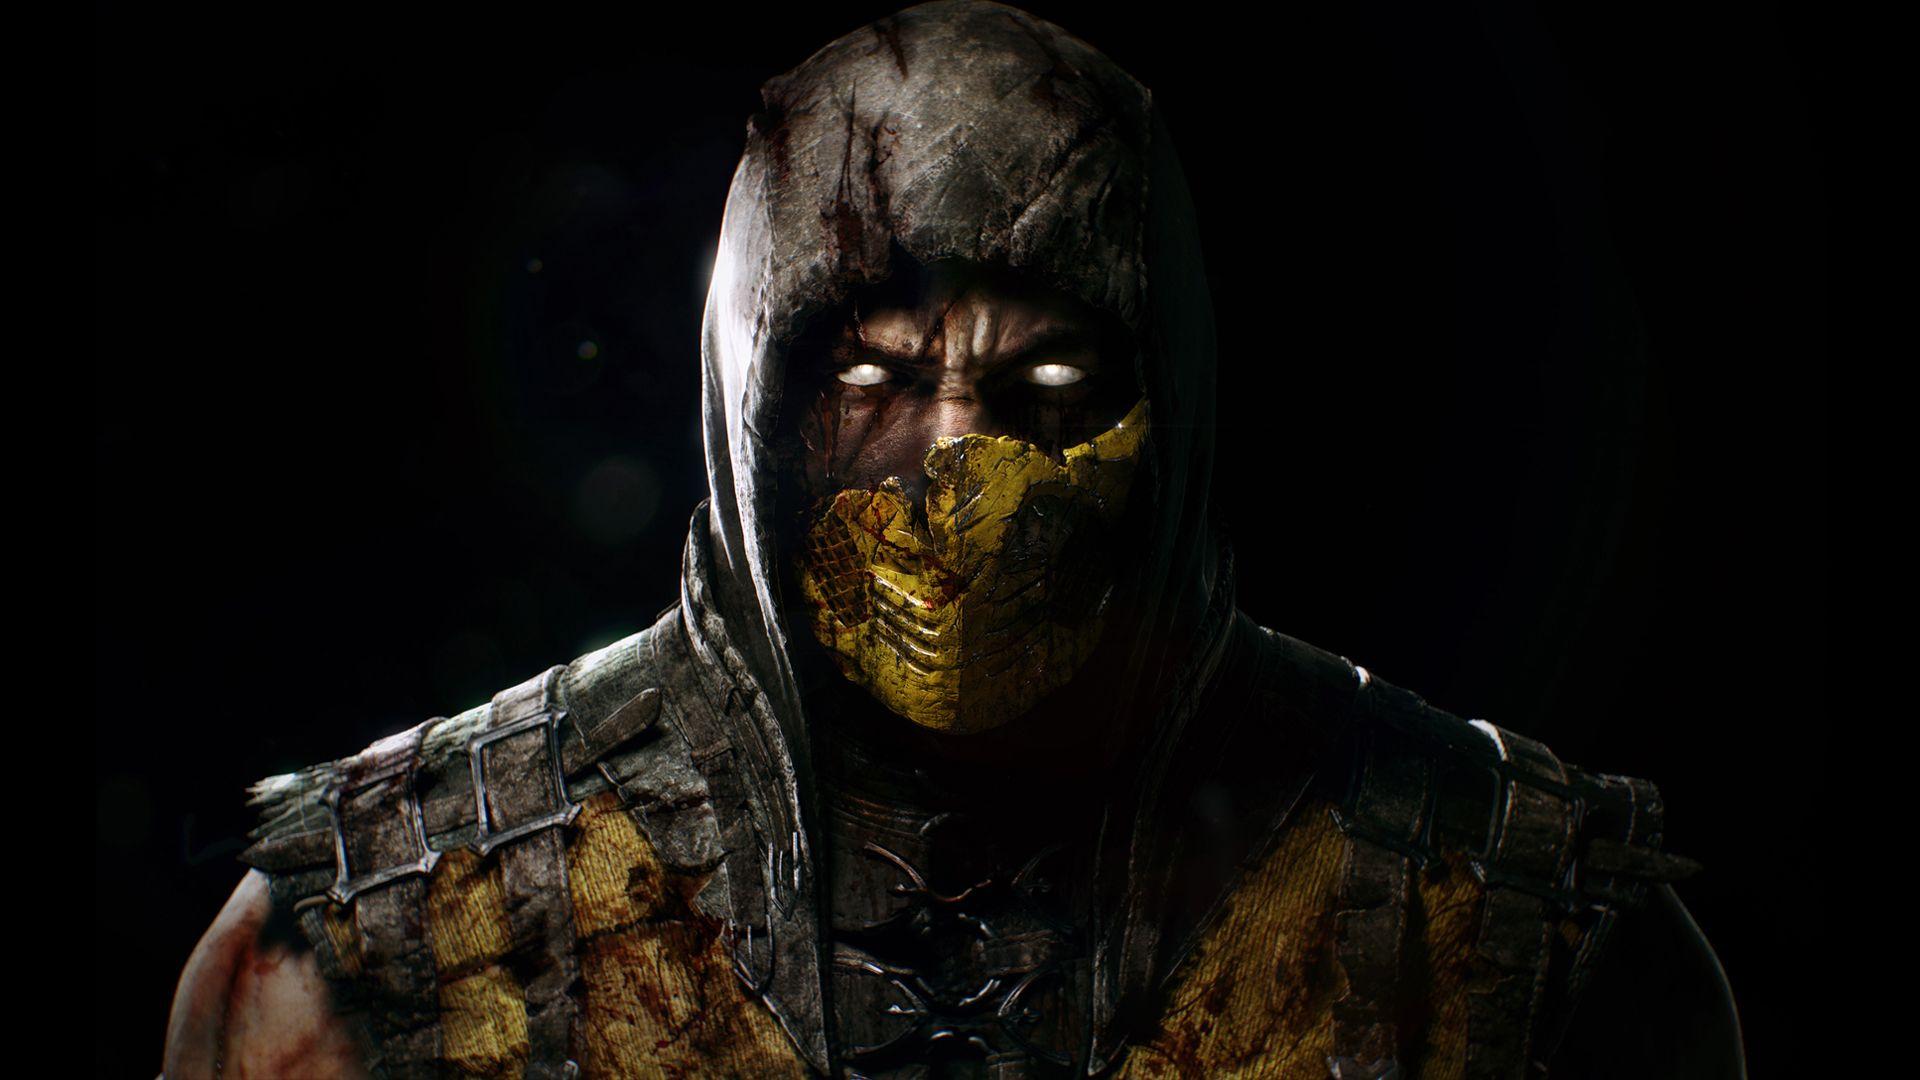 Scorpion Mortal Kombat X Wallpaper HD http//imashon